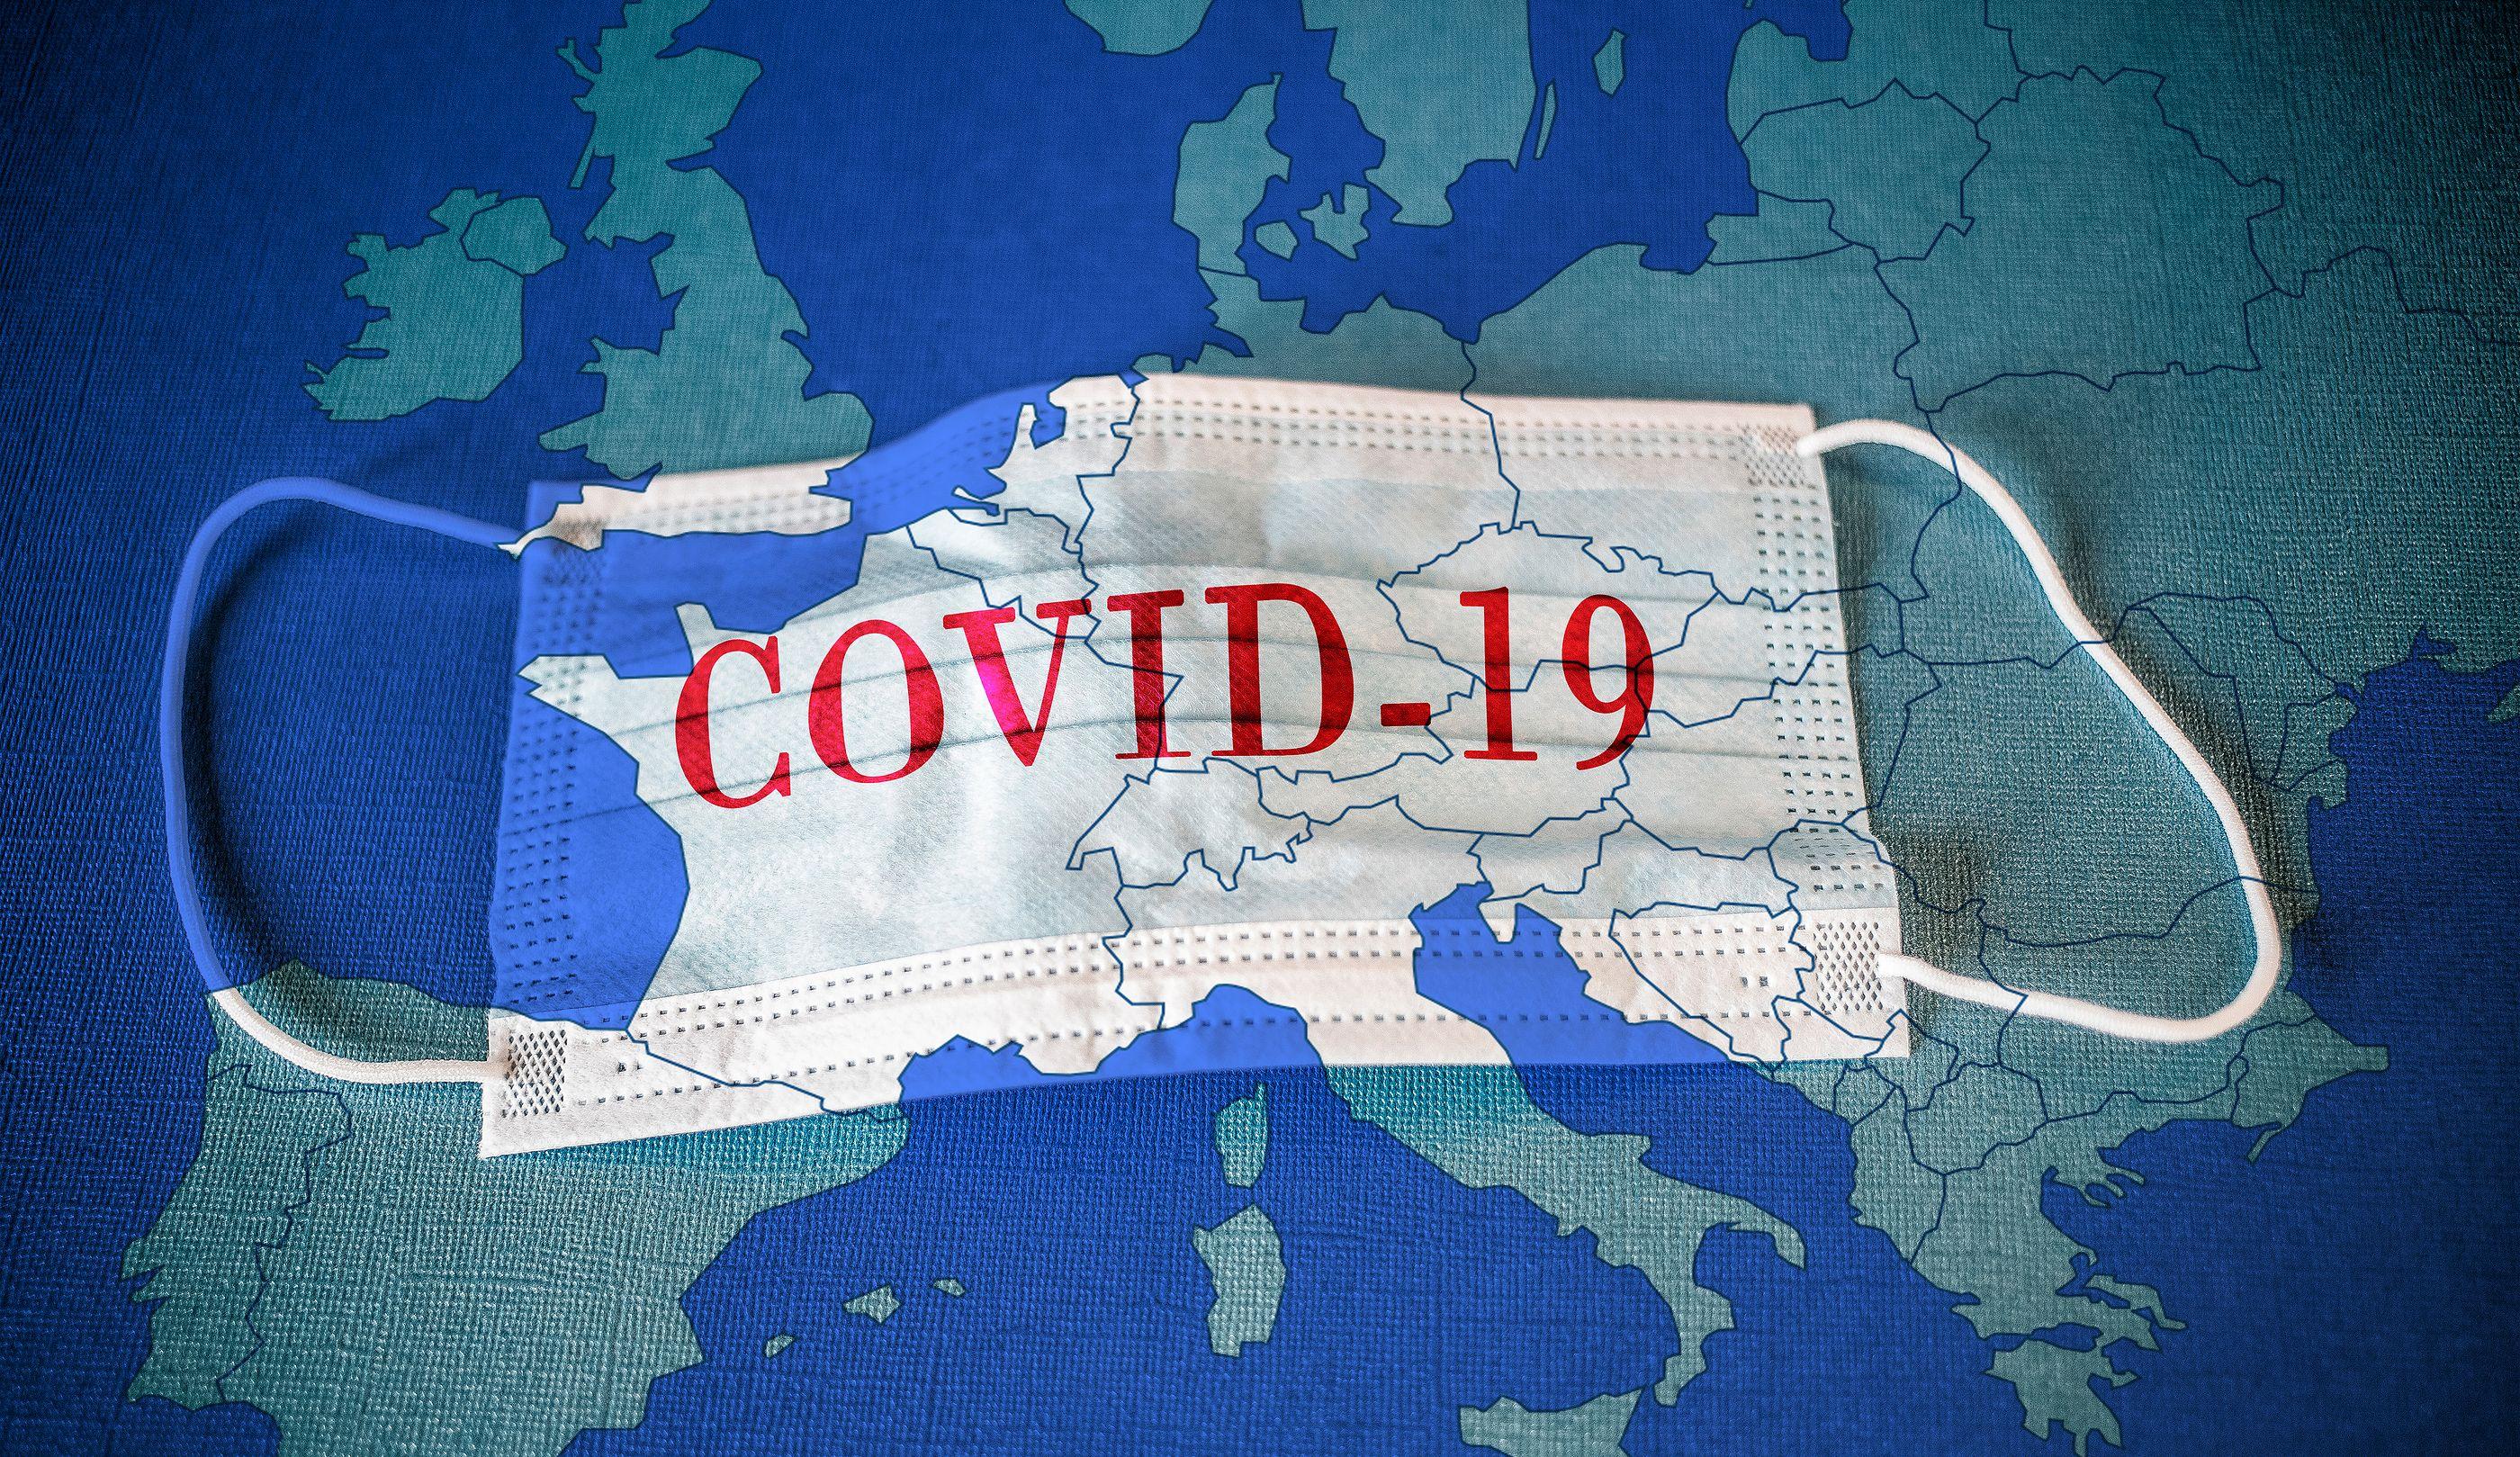 Cubrebocas con la palabra Covid-19 escrita